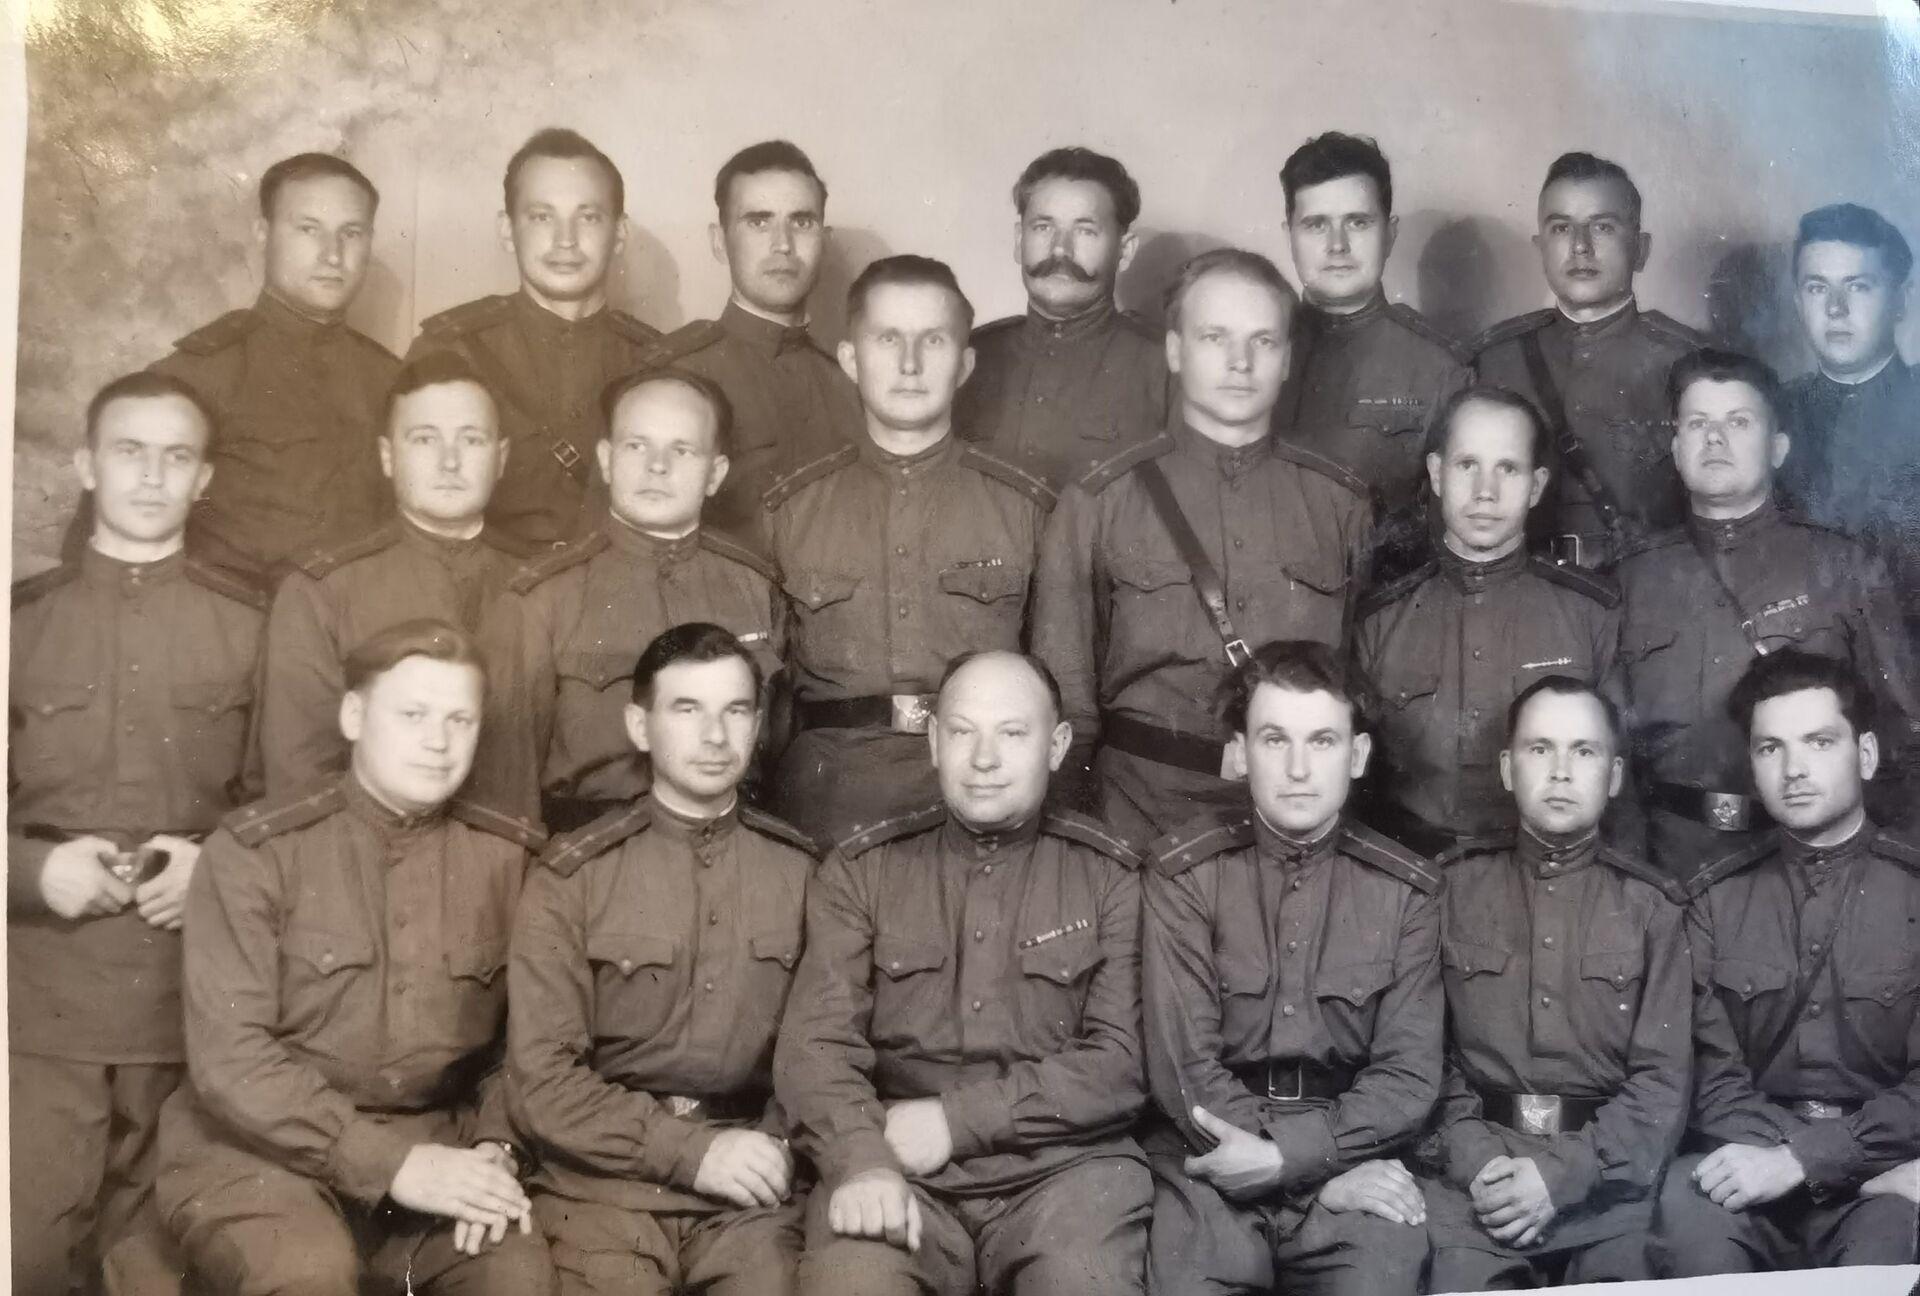 Лисовский с сослуживцами - Sputnik Беларусь, 1920, 29.06.2021